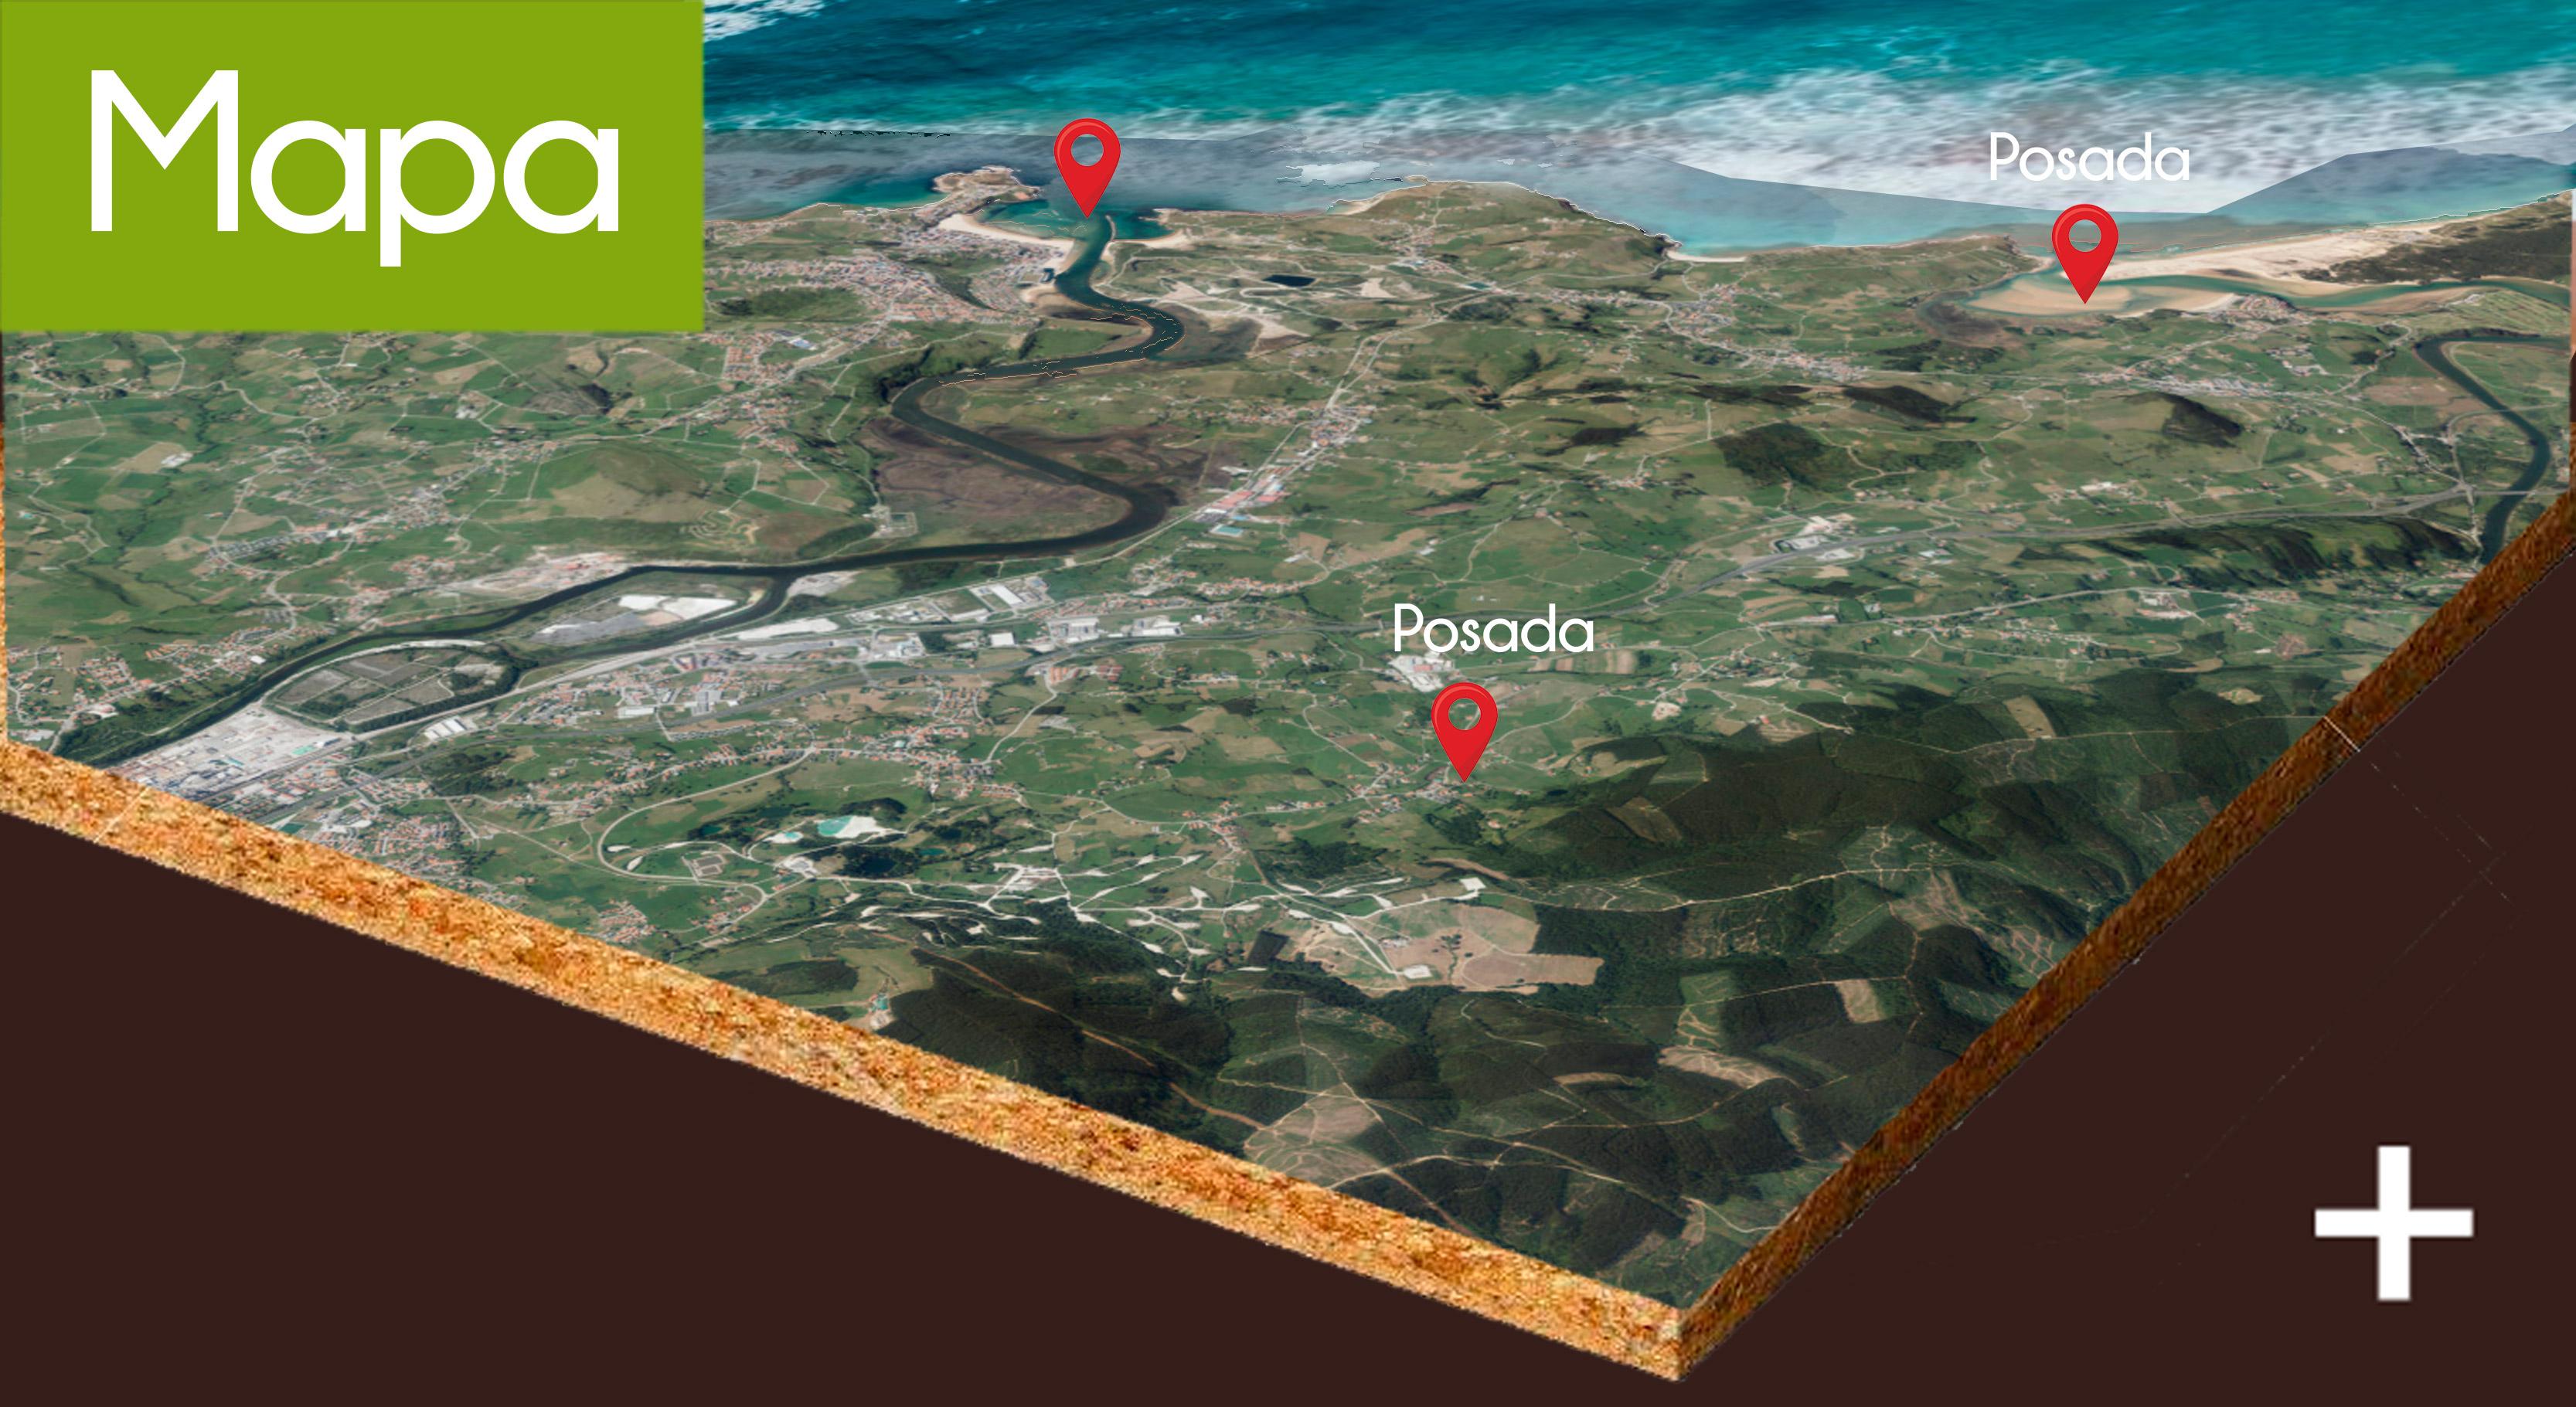 Mapa Posada El cafetal de Rumoroso Cantabria